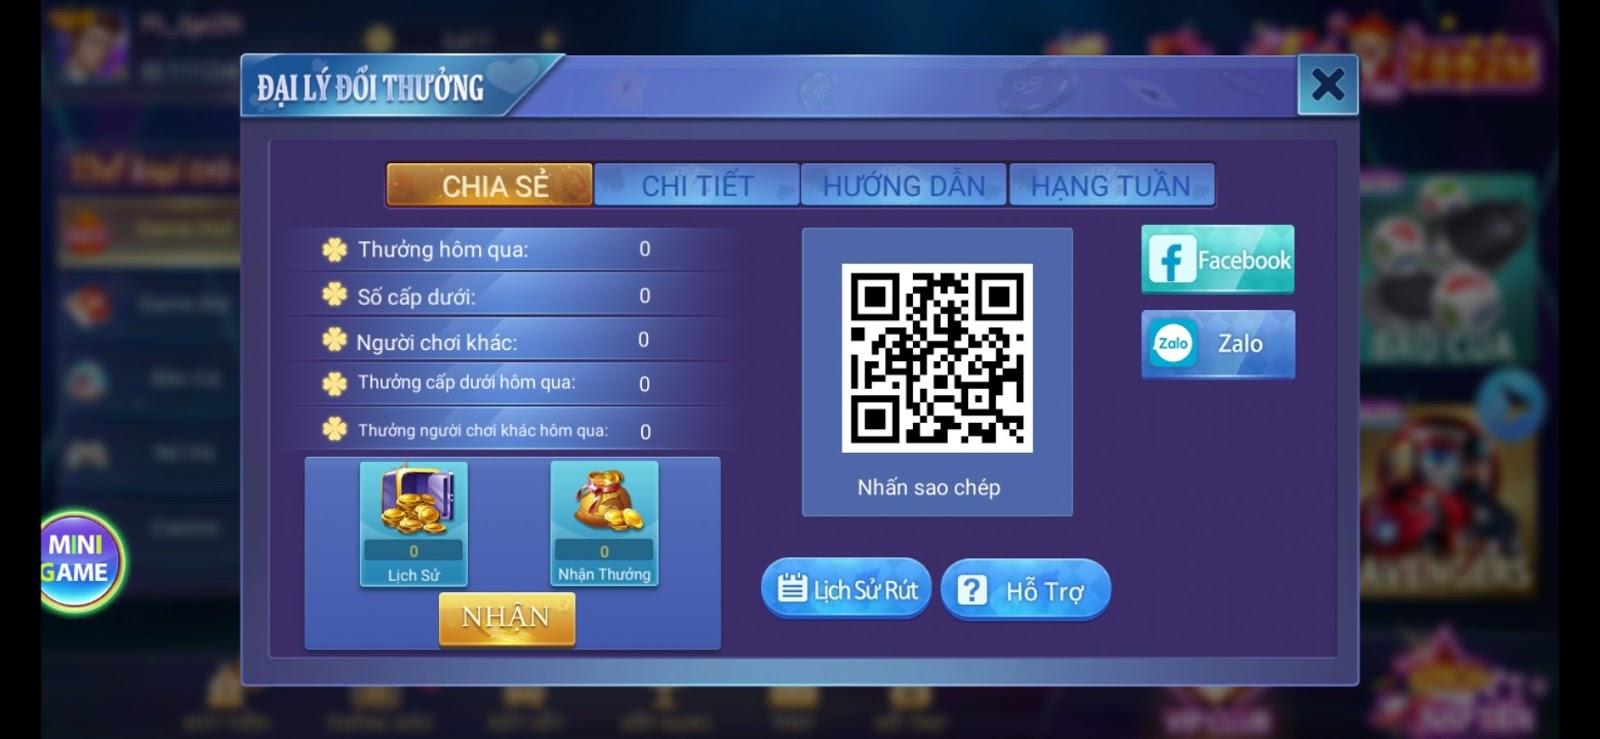 iwin, iwin68, tải iwin, game iwin, iwin game bài đổi thưởng, iwin casino